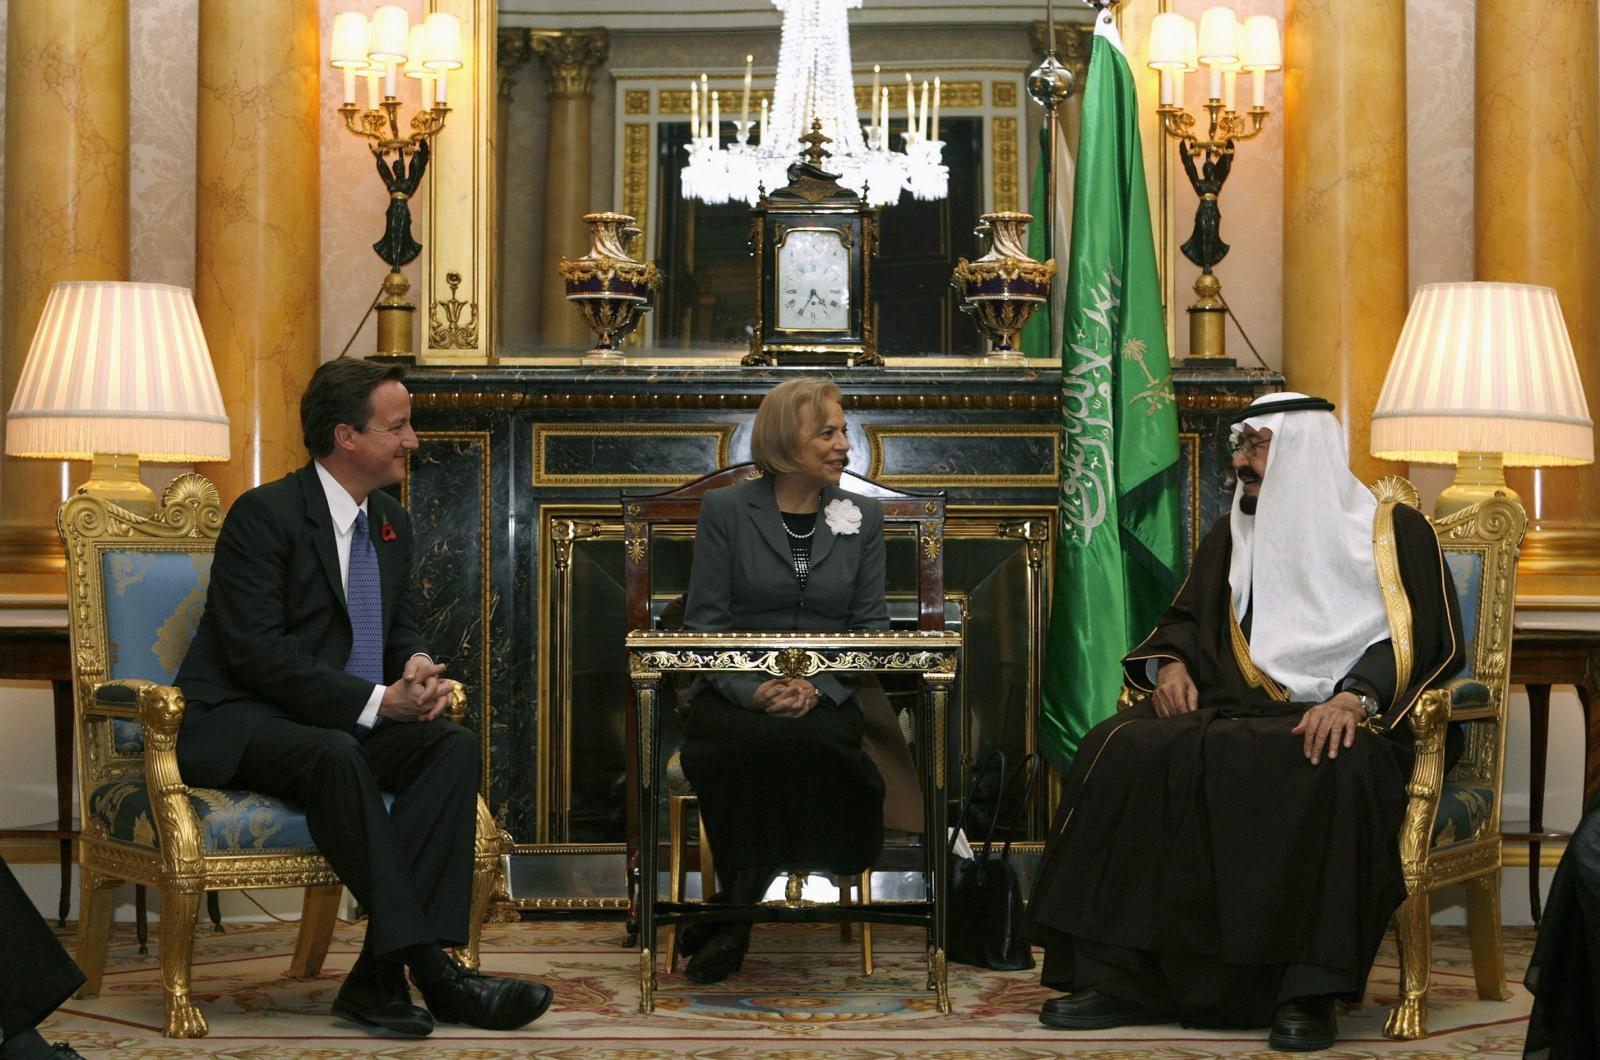 David Cameron and King Abdullah